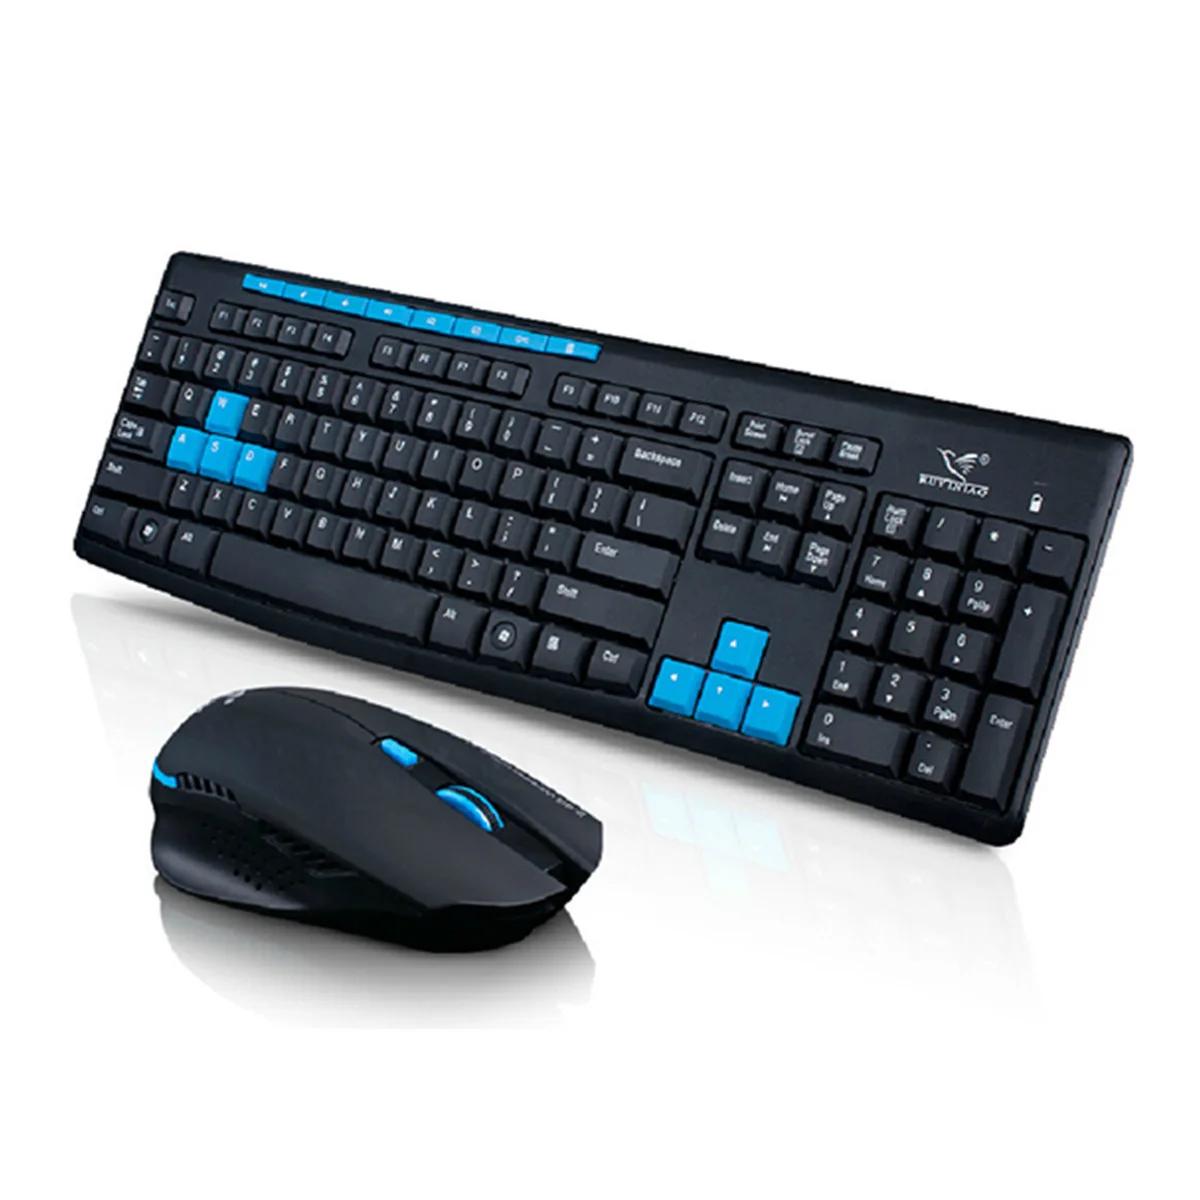 Клавиатура 2.4GHzиМышь1600DPIWireless ComboHK3800